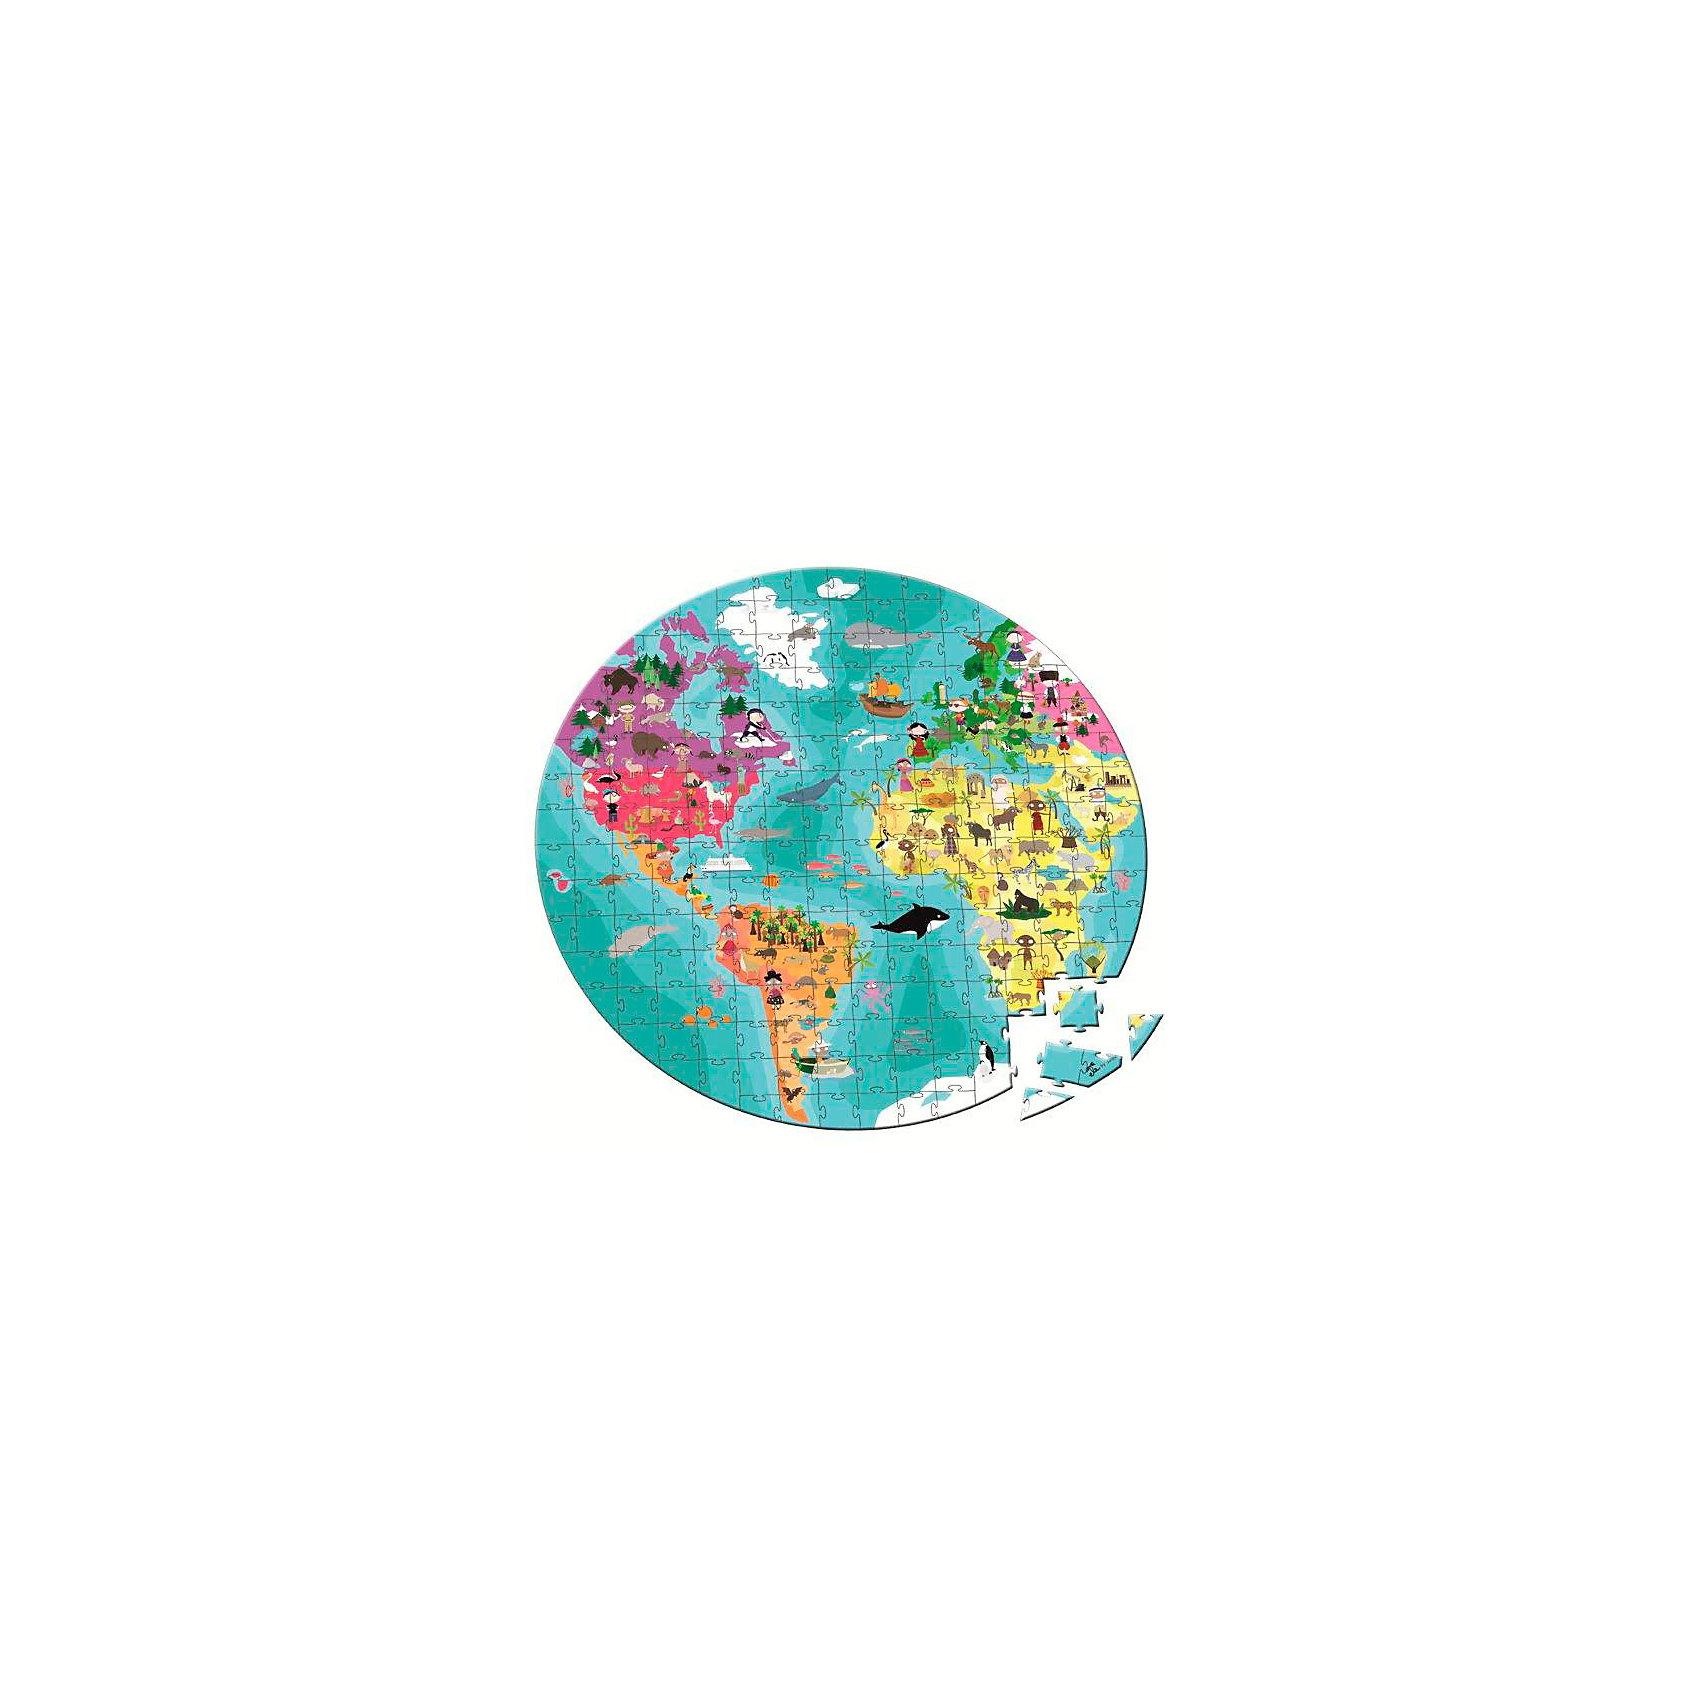 Пазл двухсторонний в круглом чемоданчике Наша планета, 208 деталей, JanodСобирать разные изображения из деталей - любимое занятие многих детей. Пазлы - отличный способ развивать способности ребенка в игровой форме. Эта игра очень удобна - ее можно брать с собой в дорогу, благодаря продуманной форме хранится она очень компактно. Она развивает также мелкую моторику, воображение, логическое мышление, цветовосприятие. Такая игра надолго занимает детей и помогает увлекательно провести время!<br>Пазл двухсторонний в круглом чемоданчике Наша планета состоит из 208 деталей, которые складываются в картинку с изображением Земли. Пазл упакован в закрывающийся чемоданчик с ручкой, который очень удобно носить с собой. Игра разработана опытными специалистами, сделана из высококачественных материалов, безопасных для детей.<br><br>Дополнительная информация:<br><br>материал: картон;<br>размер пазла: 50 см;<br>размер упаковки: 25 х 24 х 7 см;<br>качественная полиграфия;<br>комплектация: круглый чемодан; 208 элементов.<br><br>Пазл двухсторонний в круглом чемоданчике Наша планета, 208 деталей, от компании Janod можно купить в нашем магазине.<br><br>Ширина мм: 250<br>Глубина мм: 253<br>Высота мм: 78<br>Вес г: 706<br>Возраст от месяцев: 84<br>Возраст до месяцев: 120<br>Пол: Унисекс<br>Возраст: Детский<br>Количество деталей: 208<br>SKU: 2410270